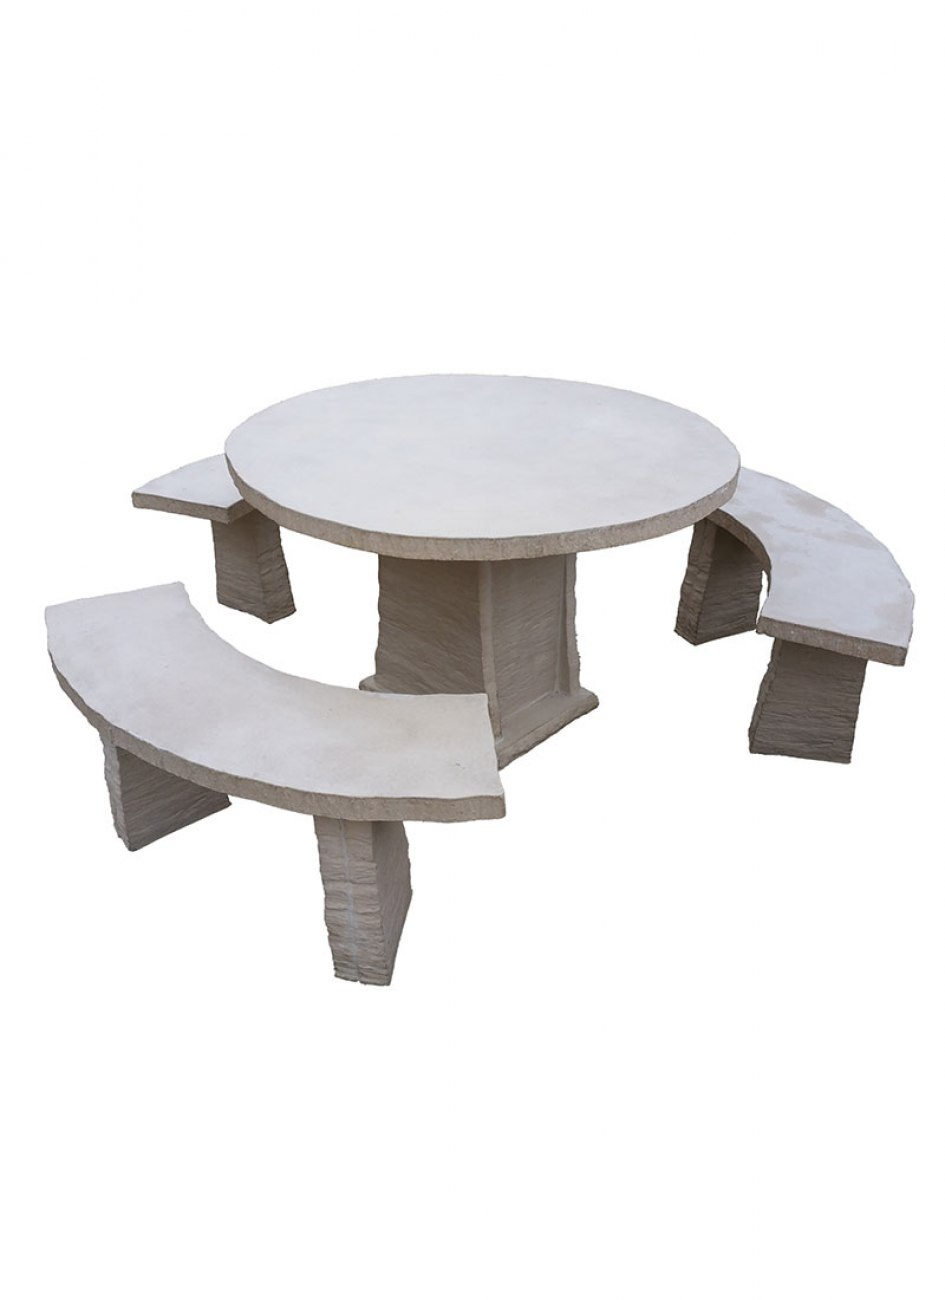 salon de jardin en pierre reconstitu e tables et bancs en pierre. Black Bedroom Furniture Sets. Home Design Ideas